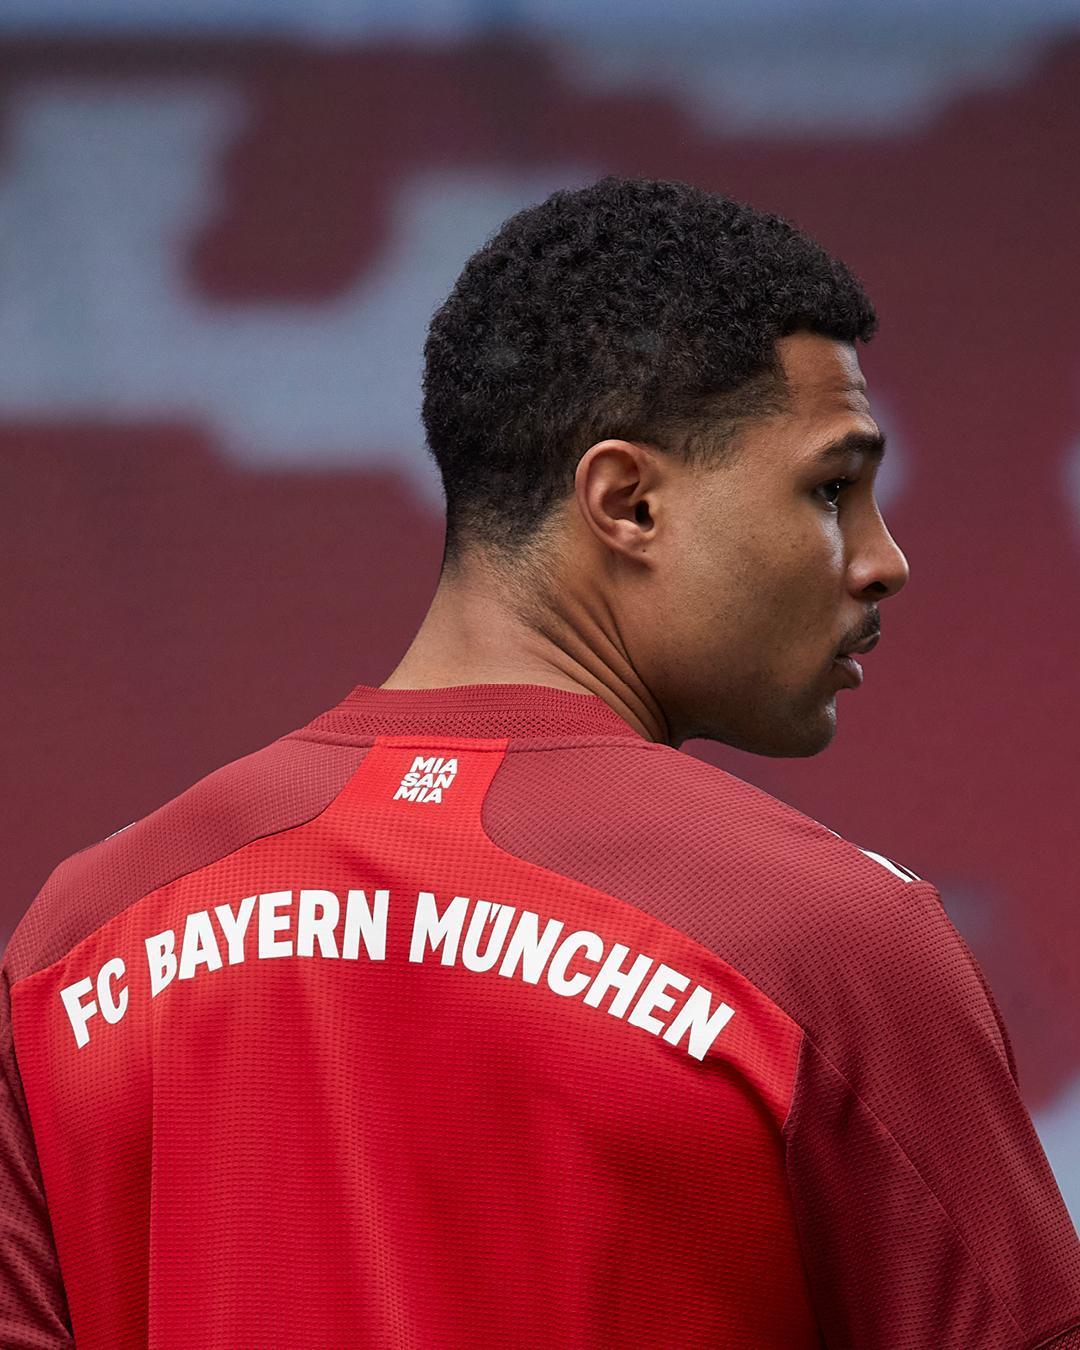 """Detalles de la equipación en la espalda y el lema """"Mia San Mia"""" en el cuello. Foto: Twitter FC Bayern"""